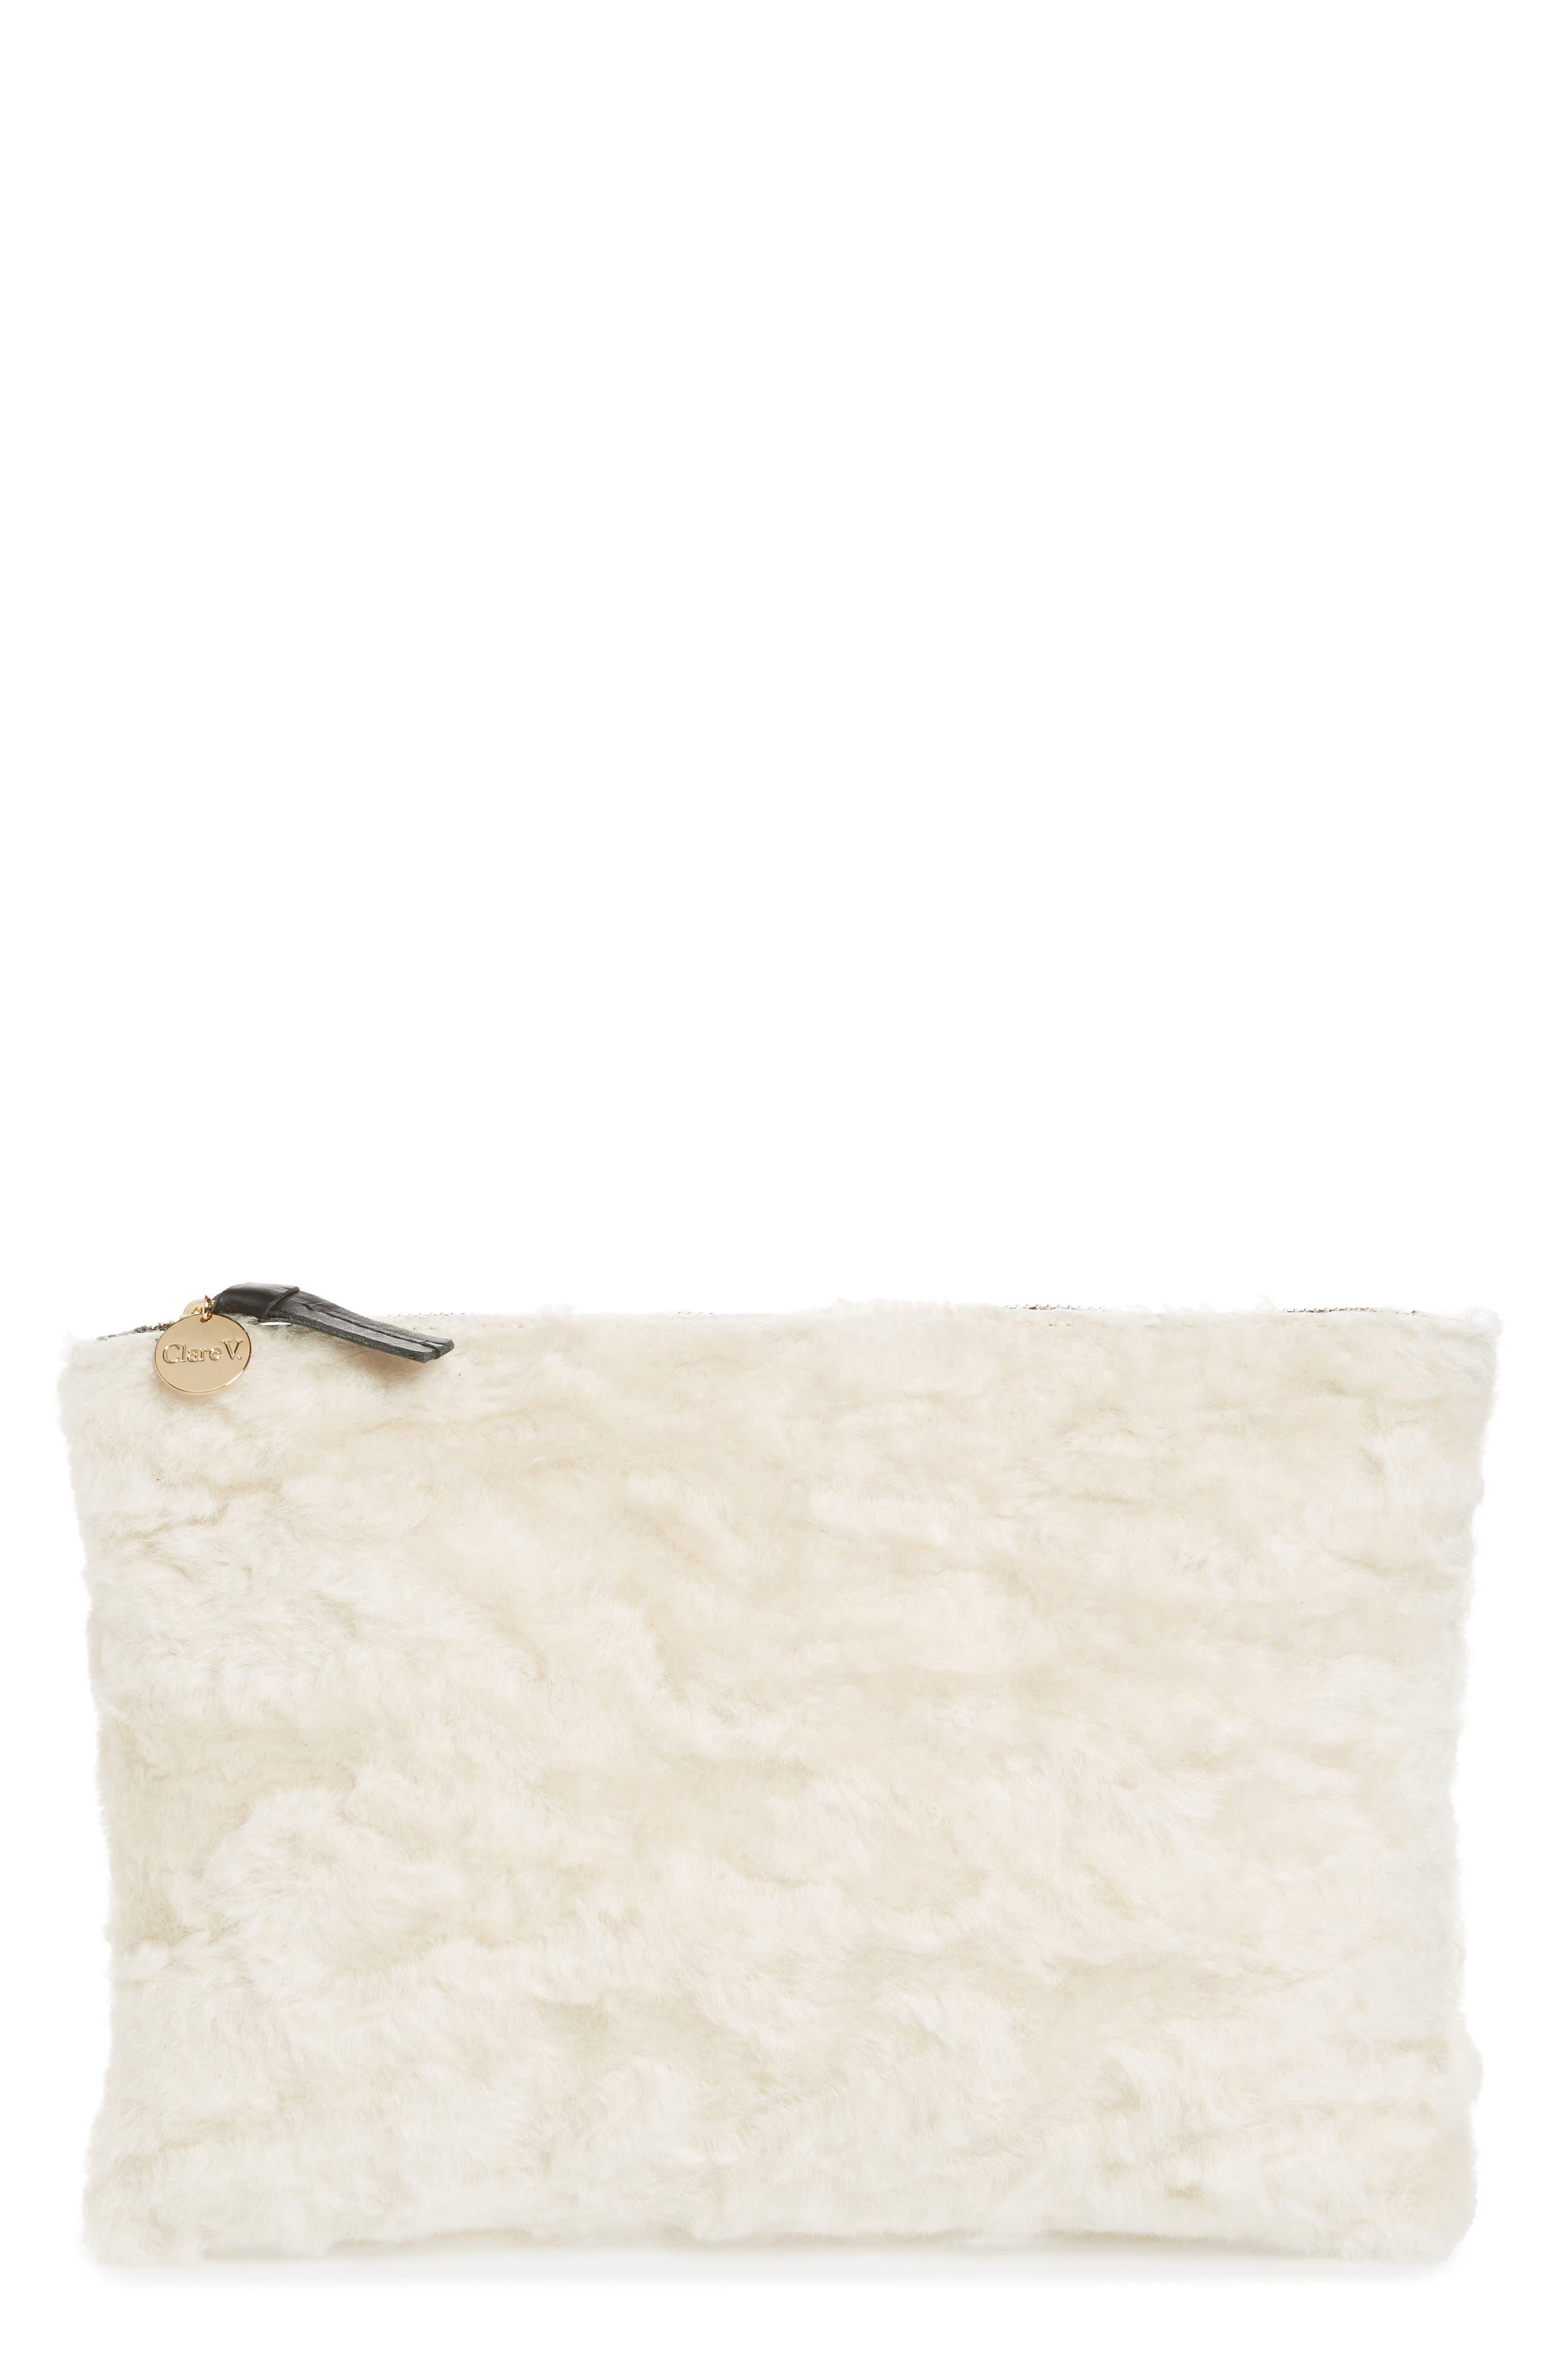 Clare V. Genuine Shearling Flat Clutch